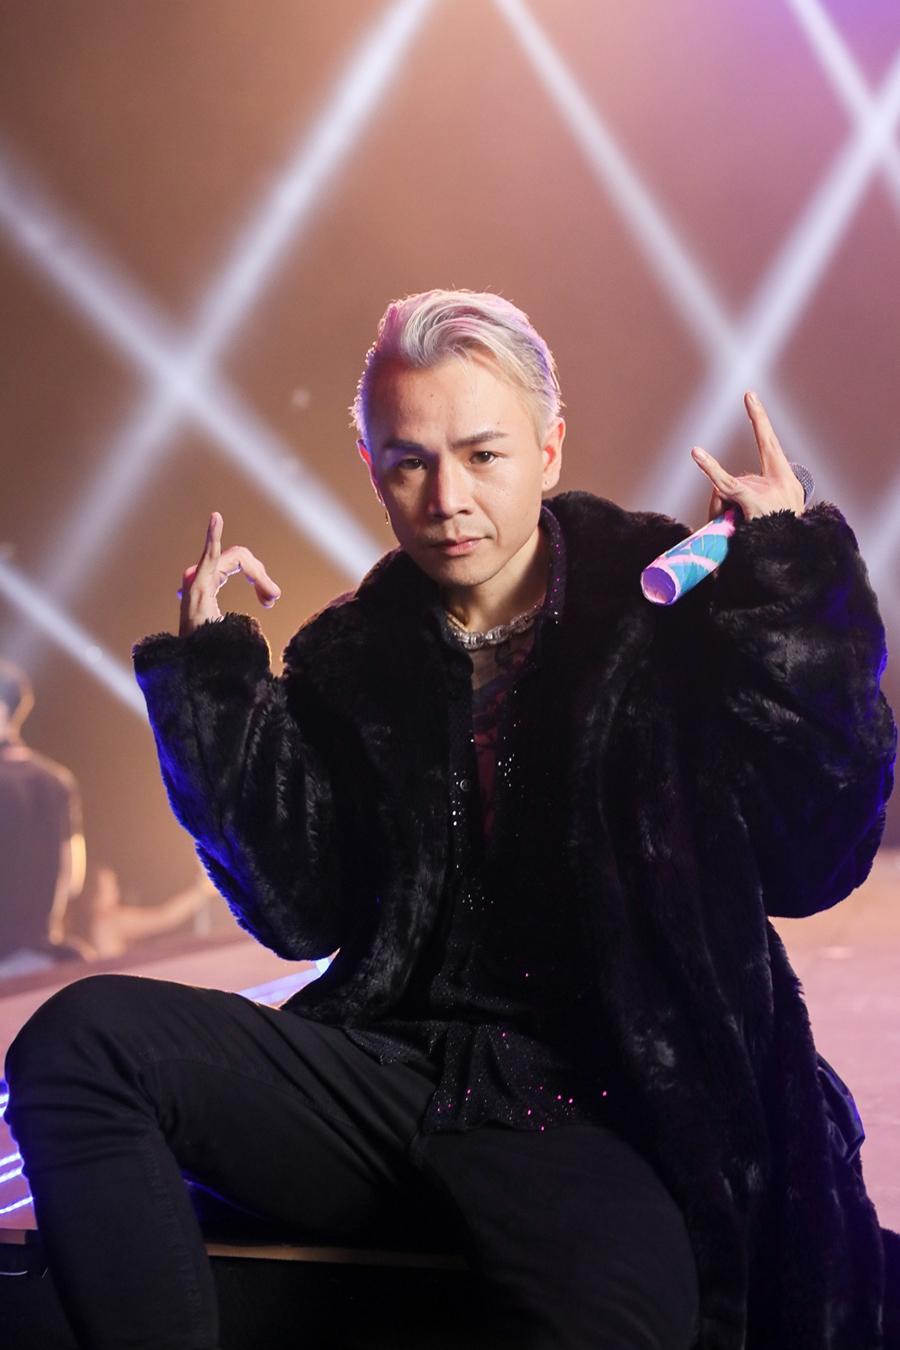 Để tránh đơn điệu, Binz dùng áo kim tuyến bên trong khi mặc đồ đen với áo khoác lông thú.